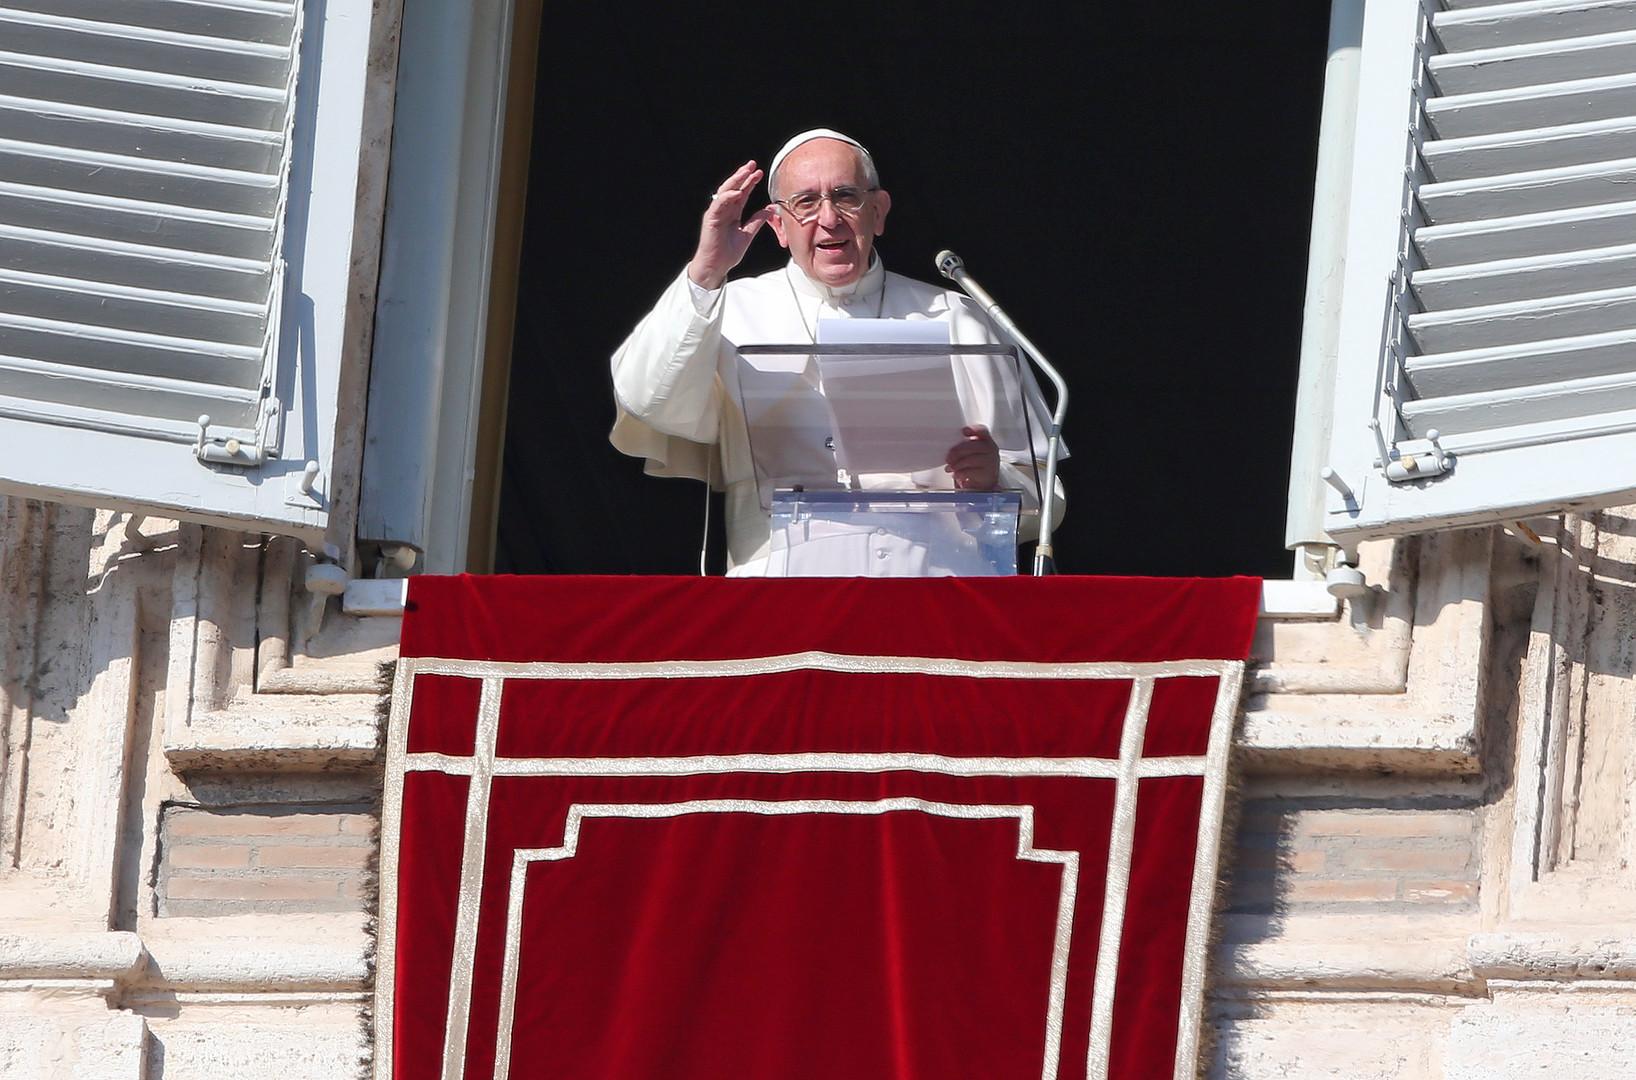 Đức Thánh Cha Phanxicô công bố danh sách 14 Đức Hồng Y mới